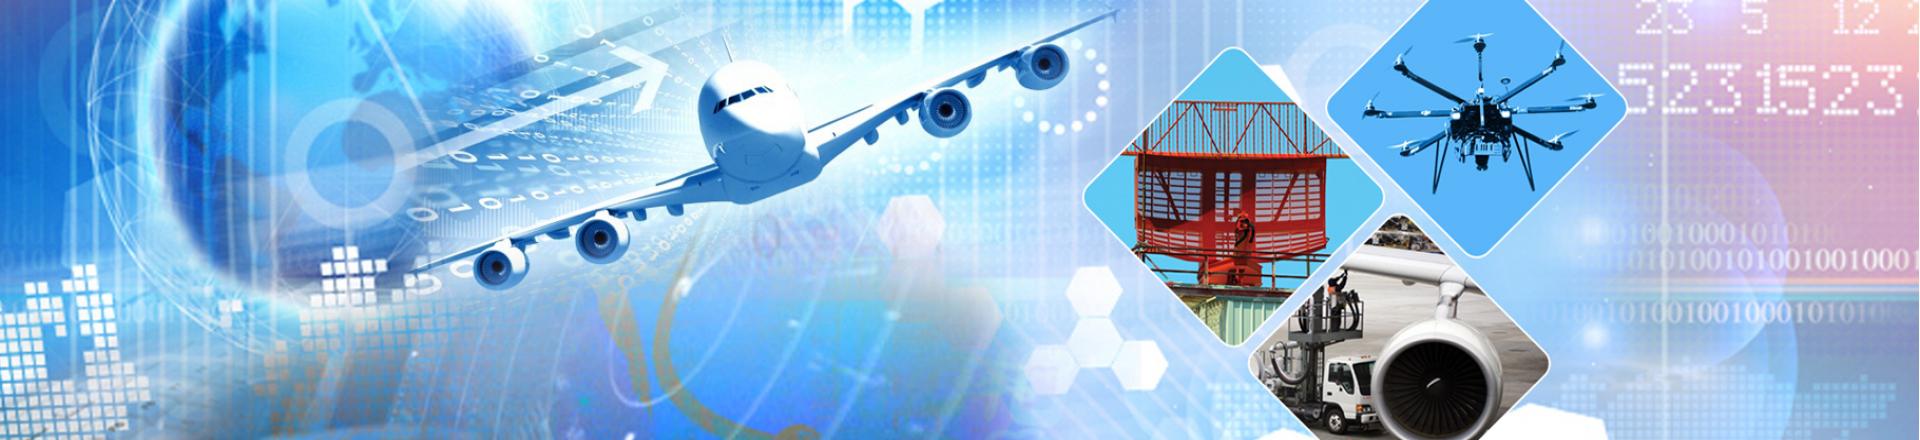 Avicom Engenharia - Avionica